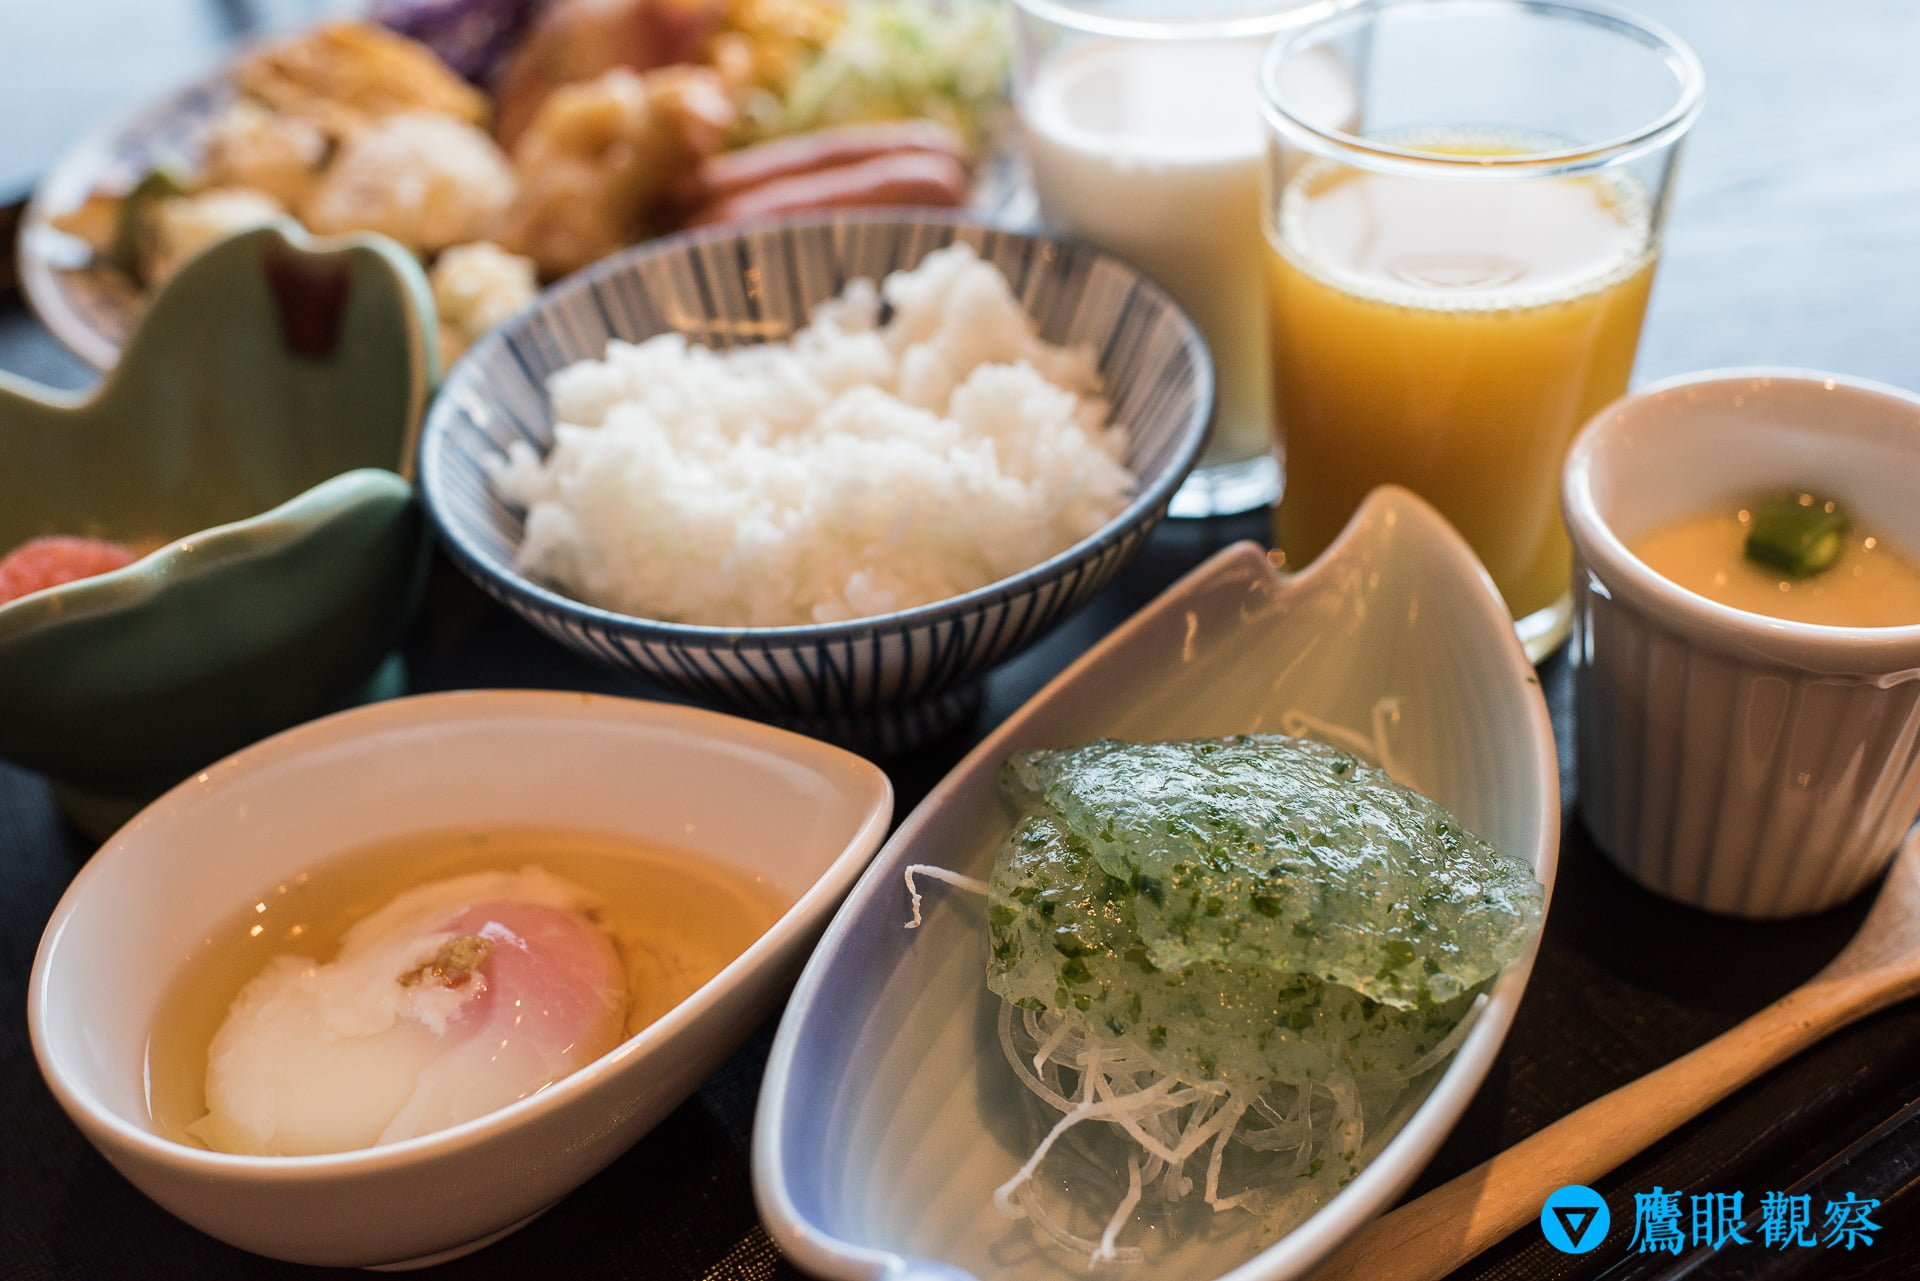 travel Japan gunma kishigon ryokan hotel in izumo spa hot spring 56 群馬縣伊香保溫泉「岸權旅館」日本旅館住宿推薦